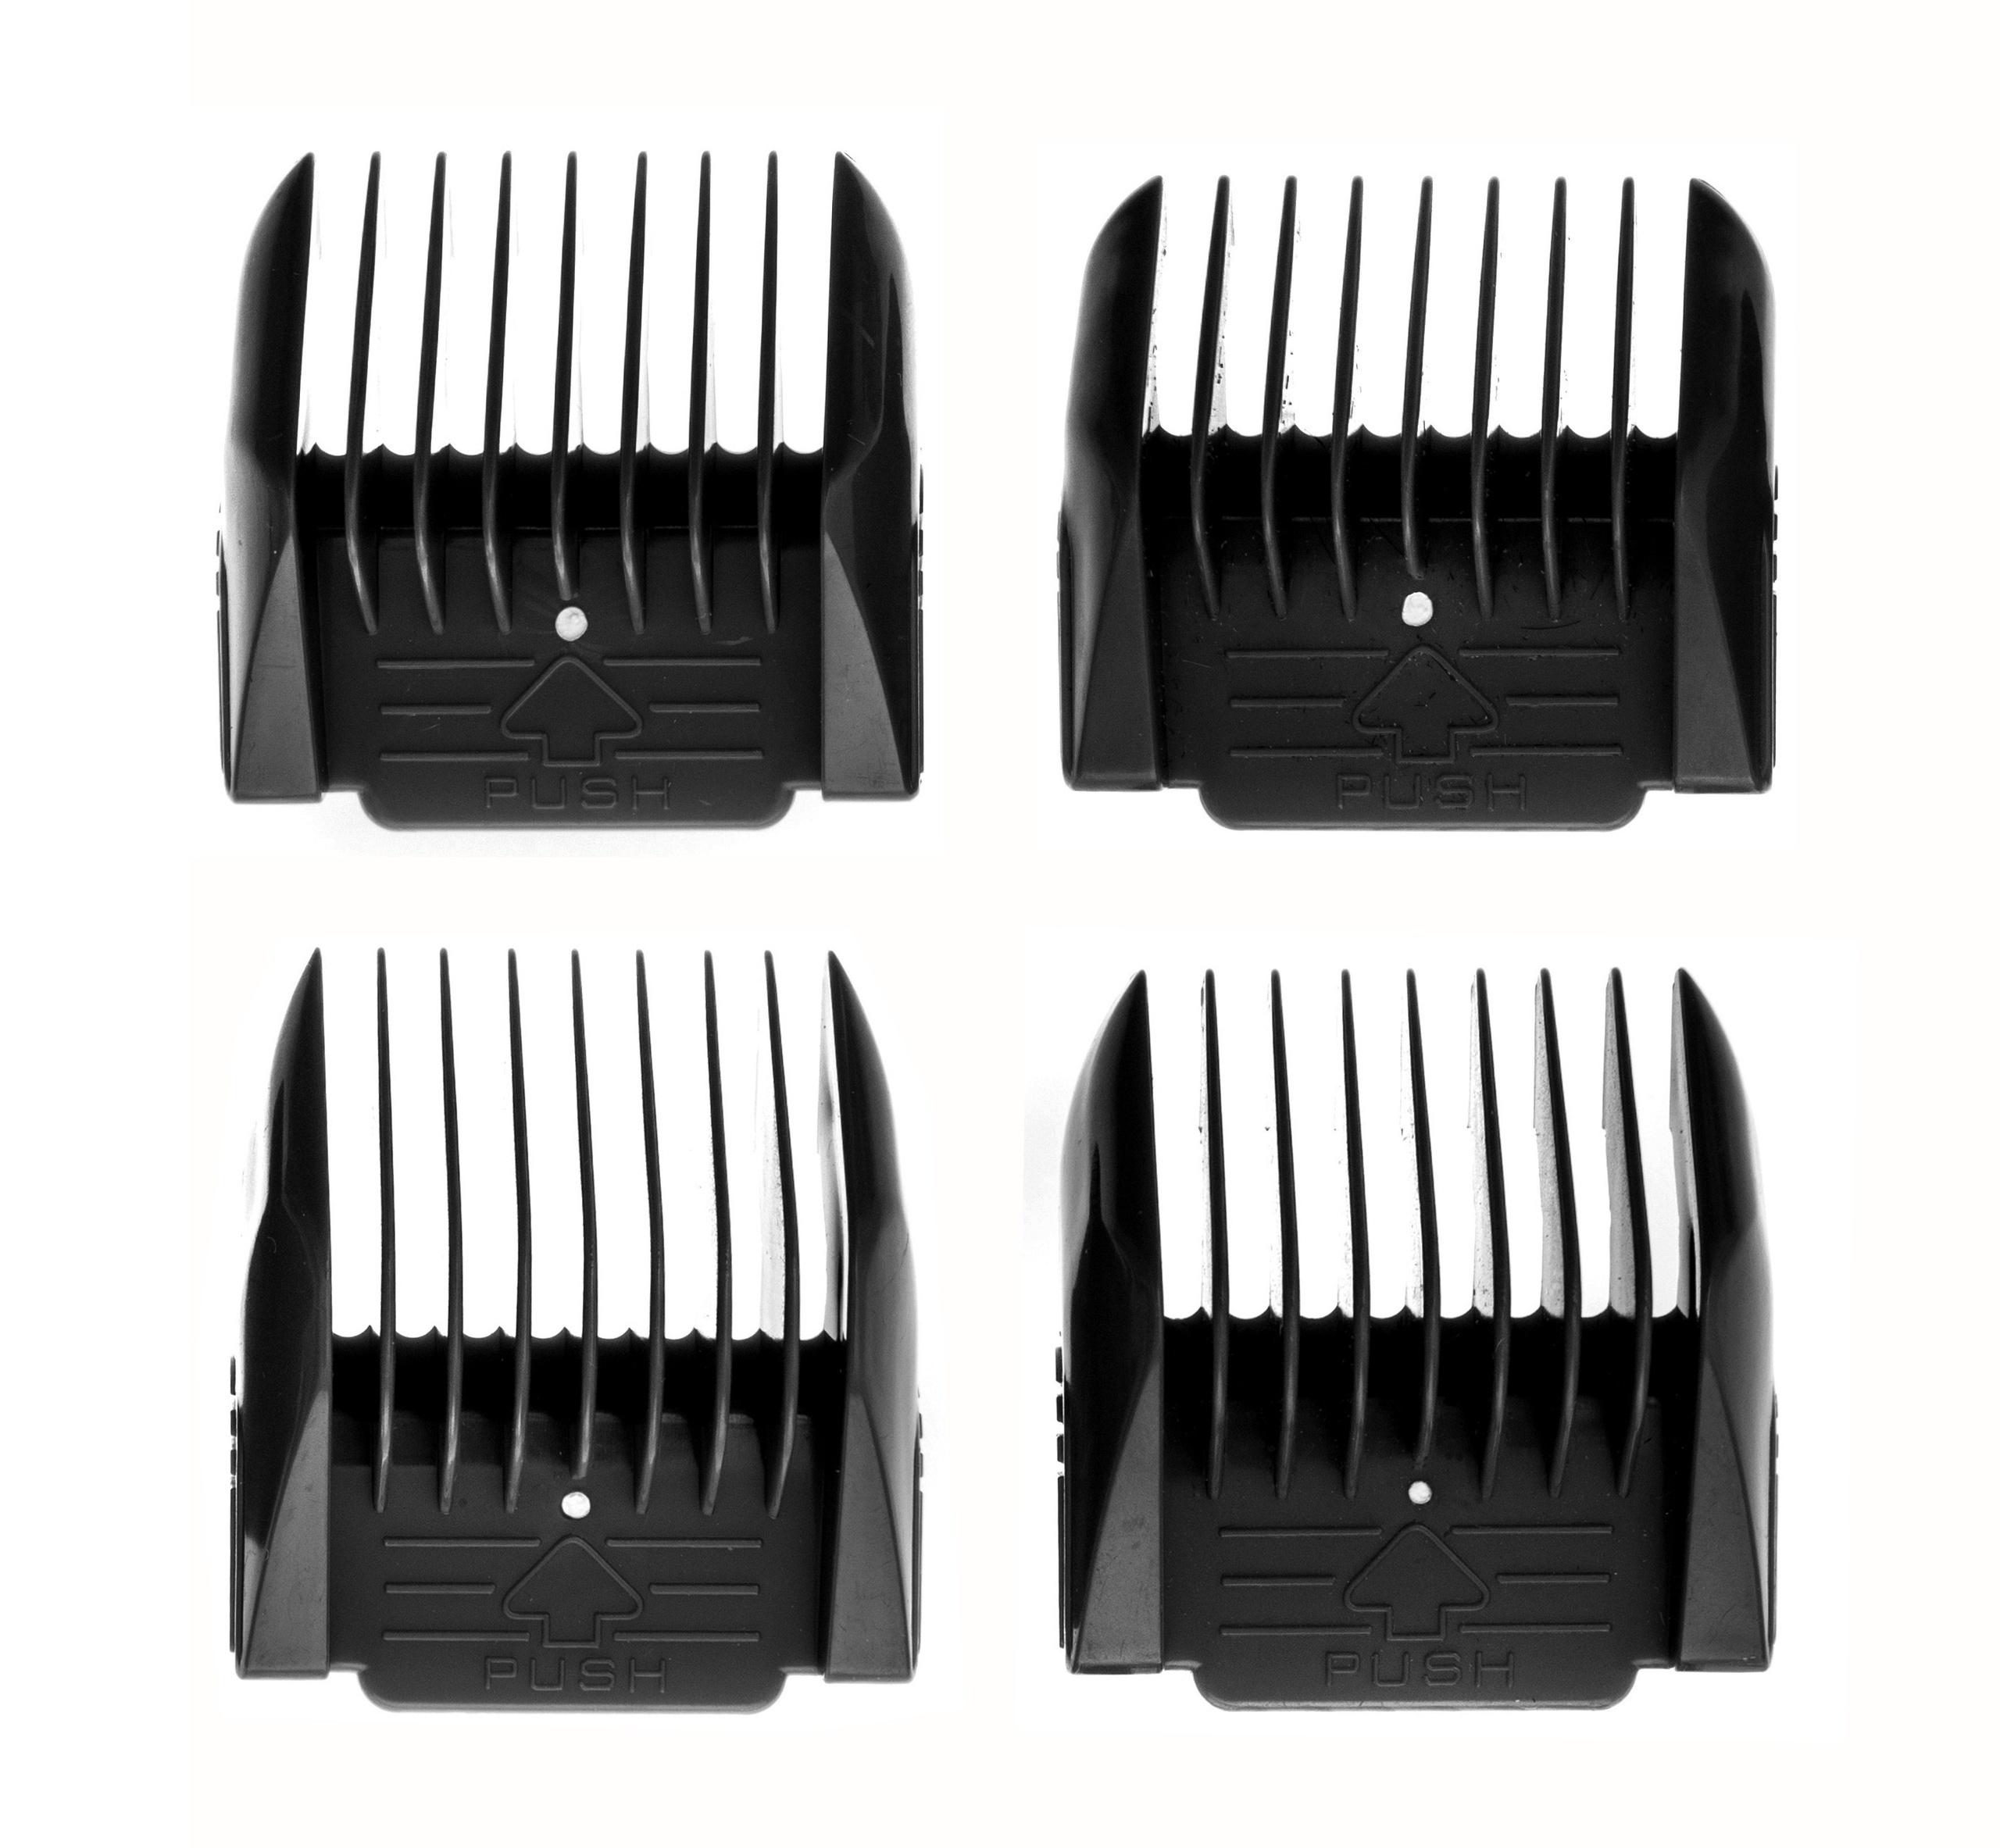 jeu de peignes 3 6 9 12 mm pour tondeuse cheveux. Black Bedroom Furniture Sets. Home Design Ideas